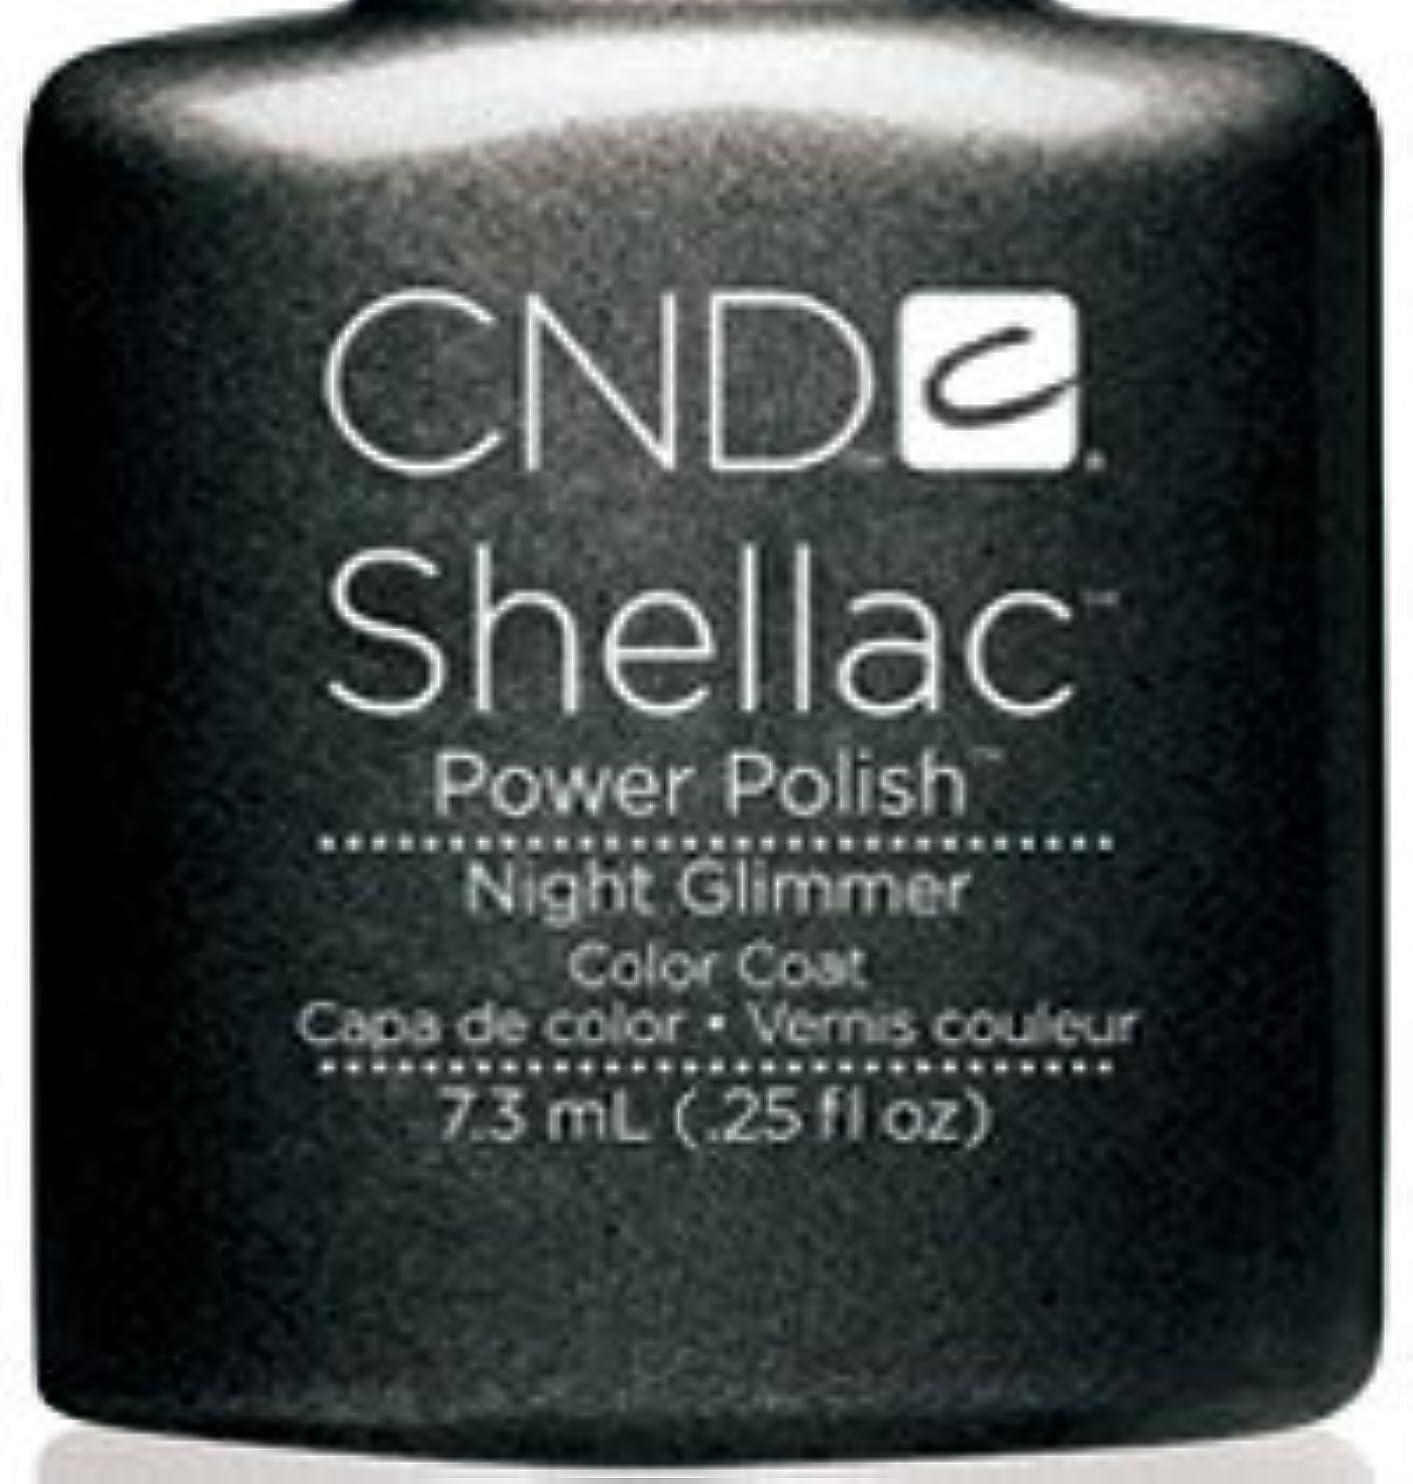 お気に入り限定拮抗CND シェラック UVカラーコート 7.3ml<BR>381 ナイトグリマー